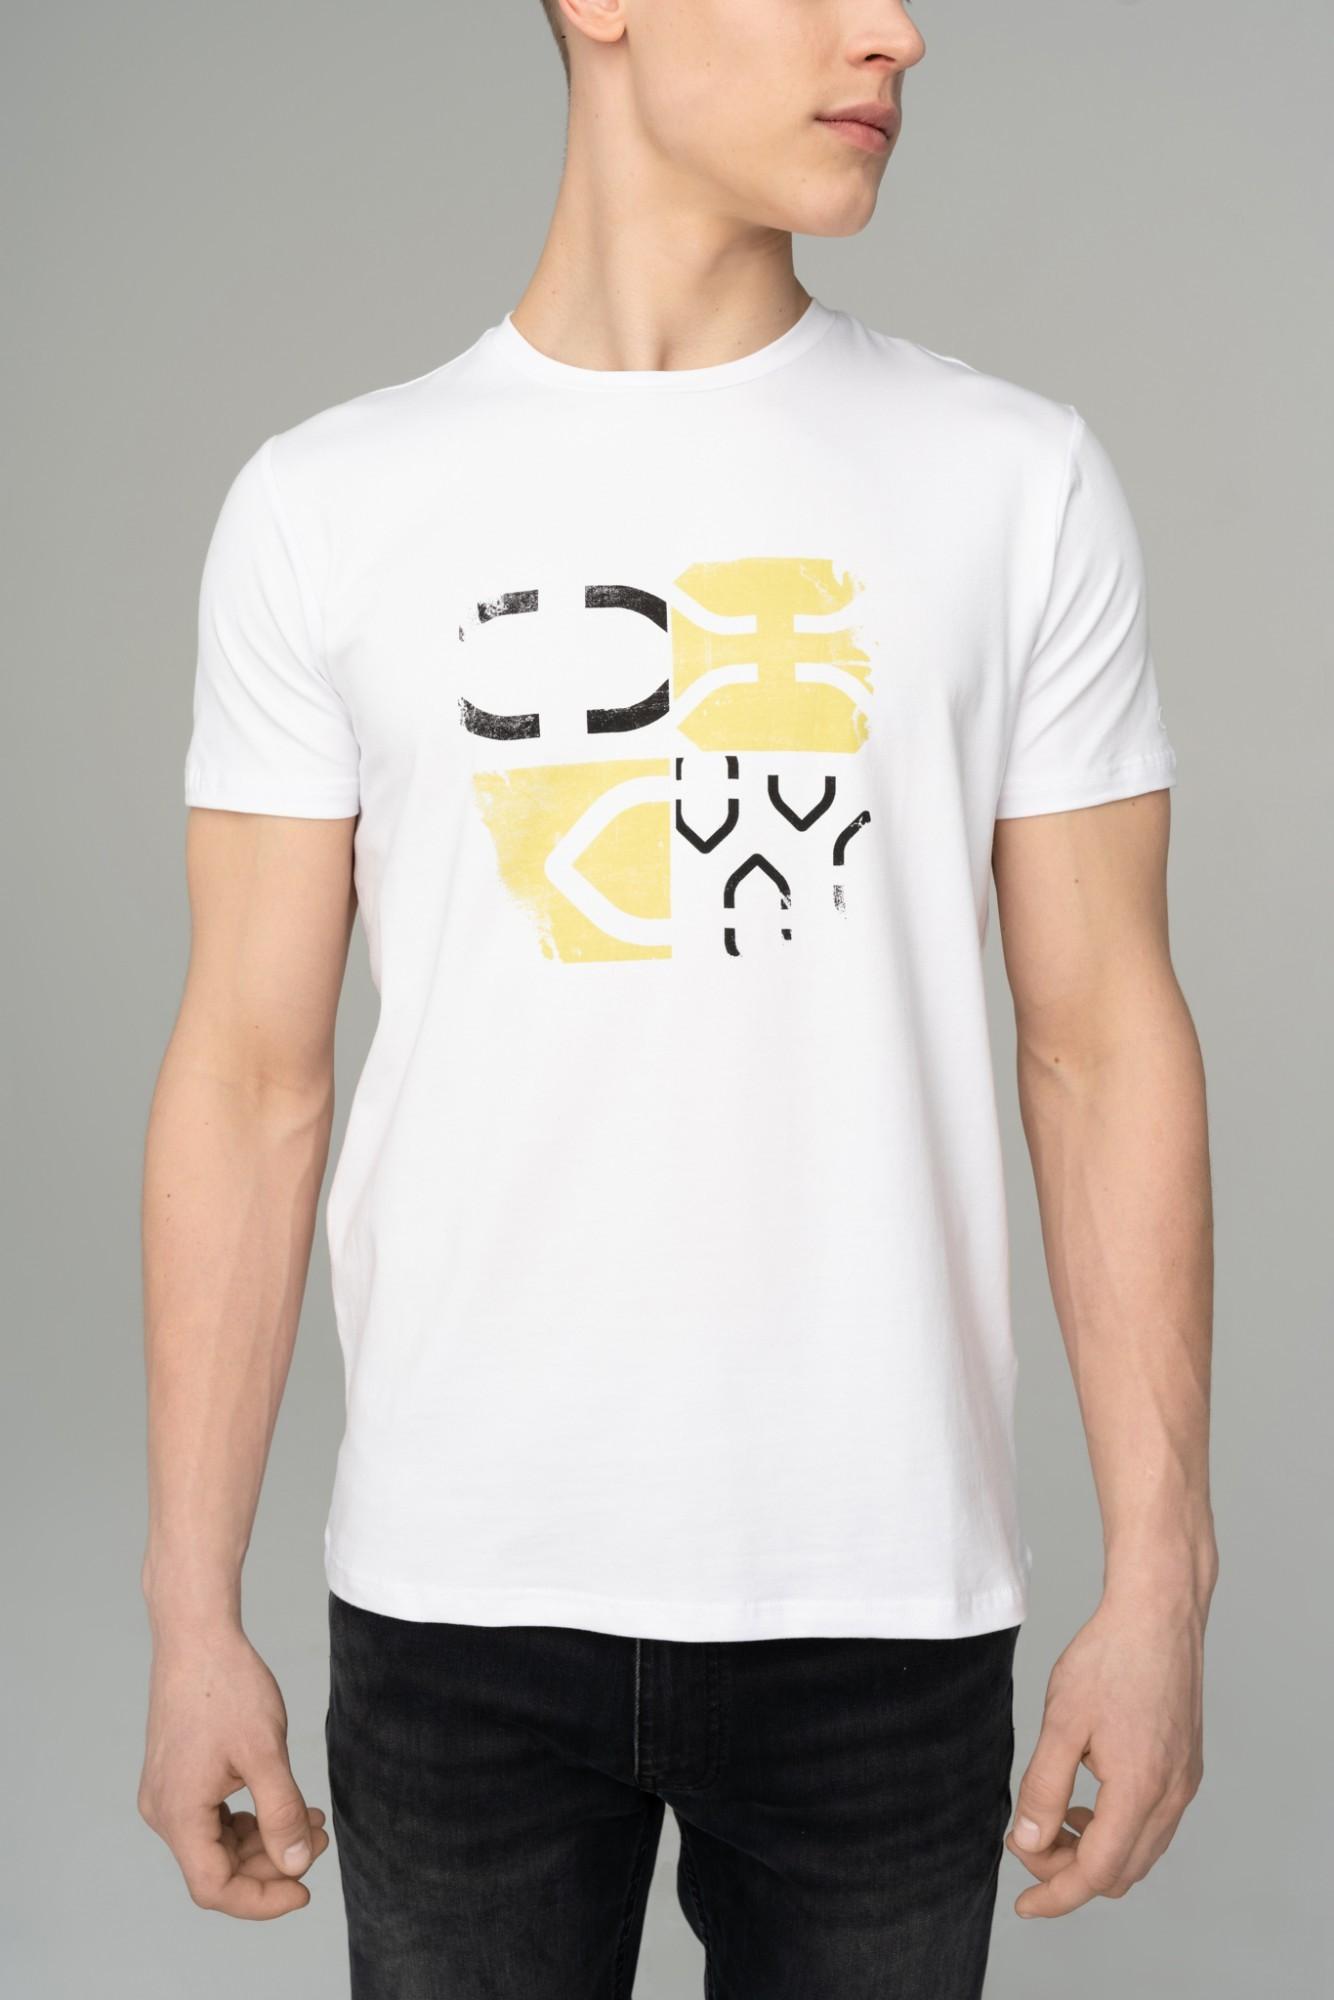 AUDIMAS Margi tamprūs medvilniniai maršk. 2111-476 White Logo Printed S